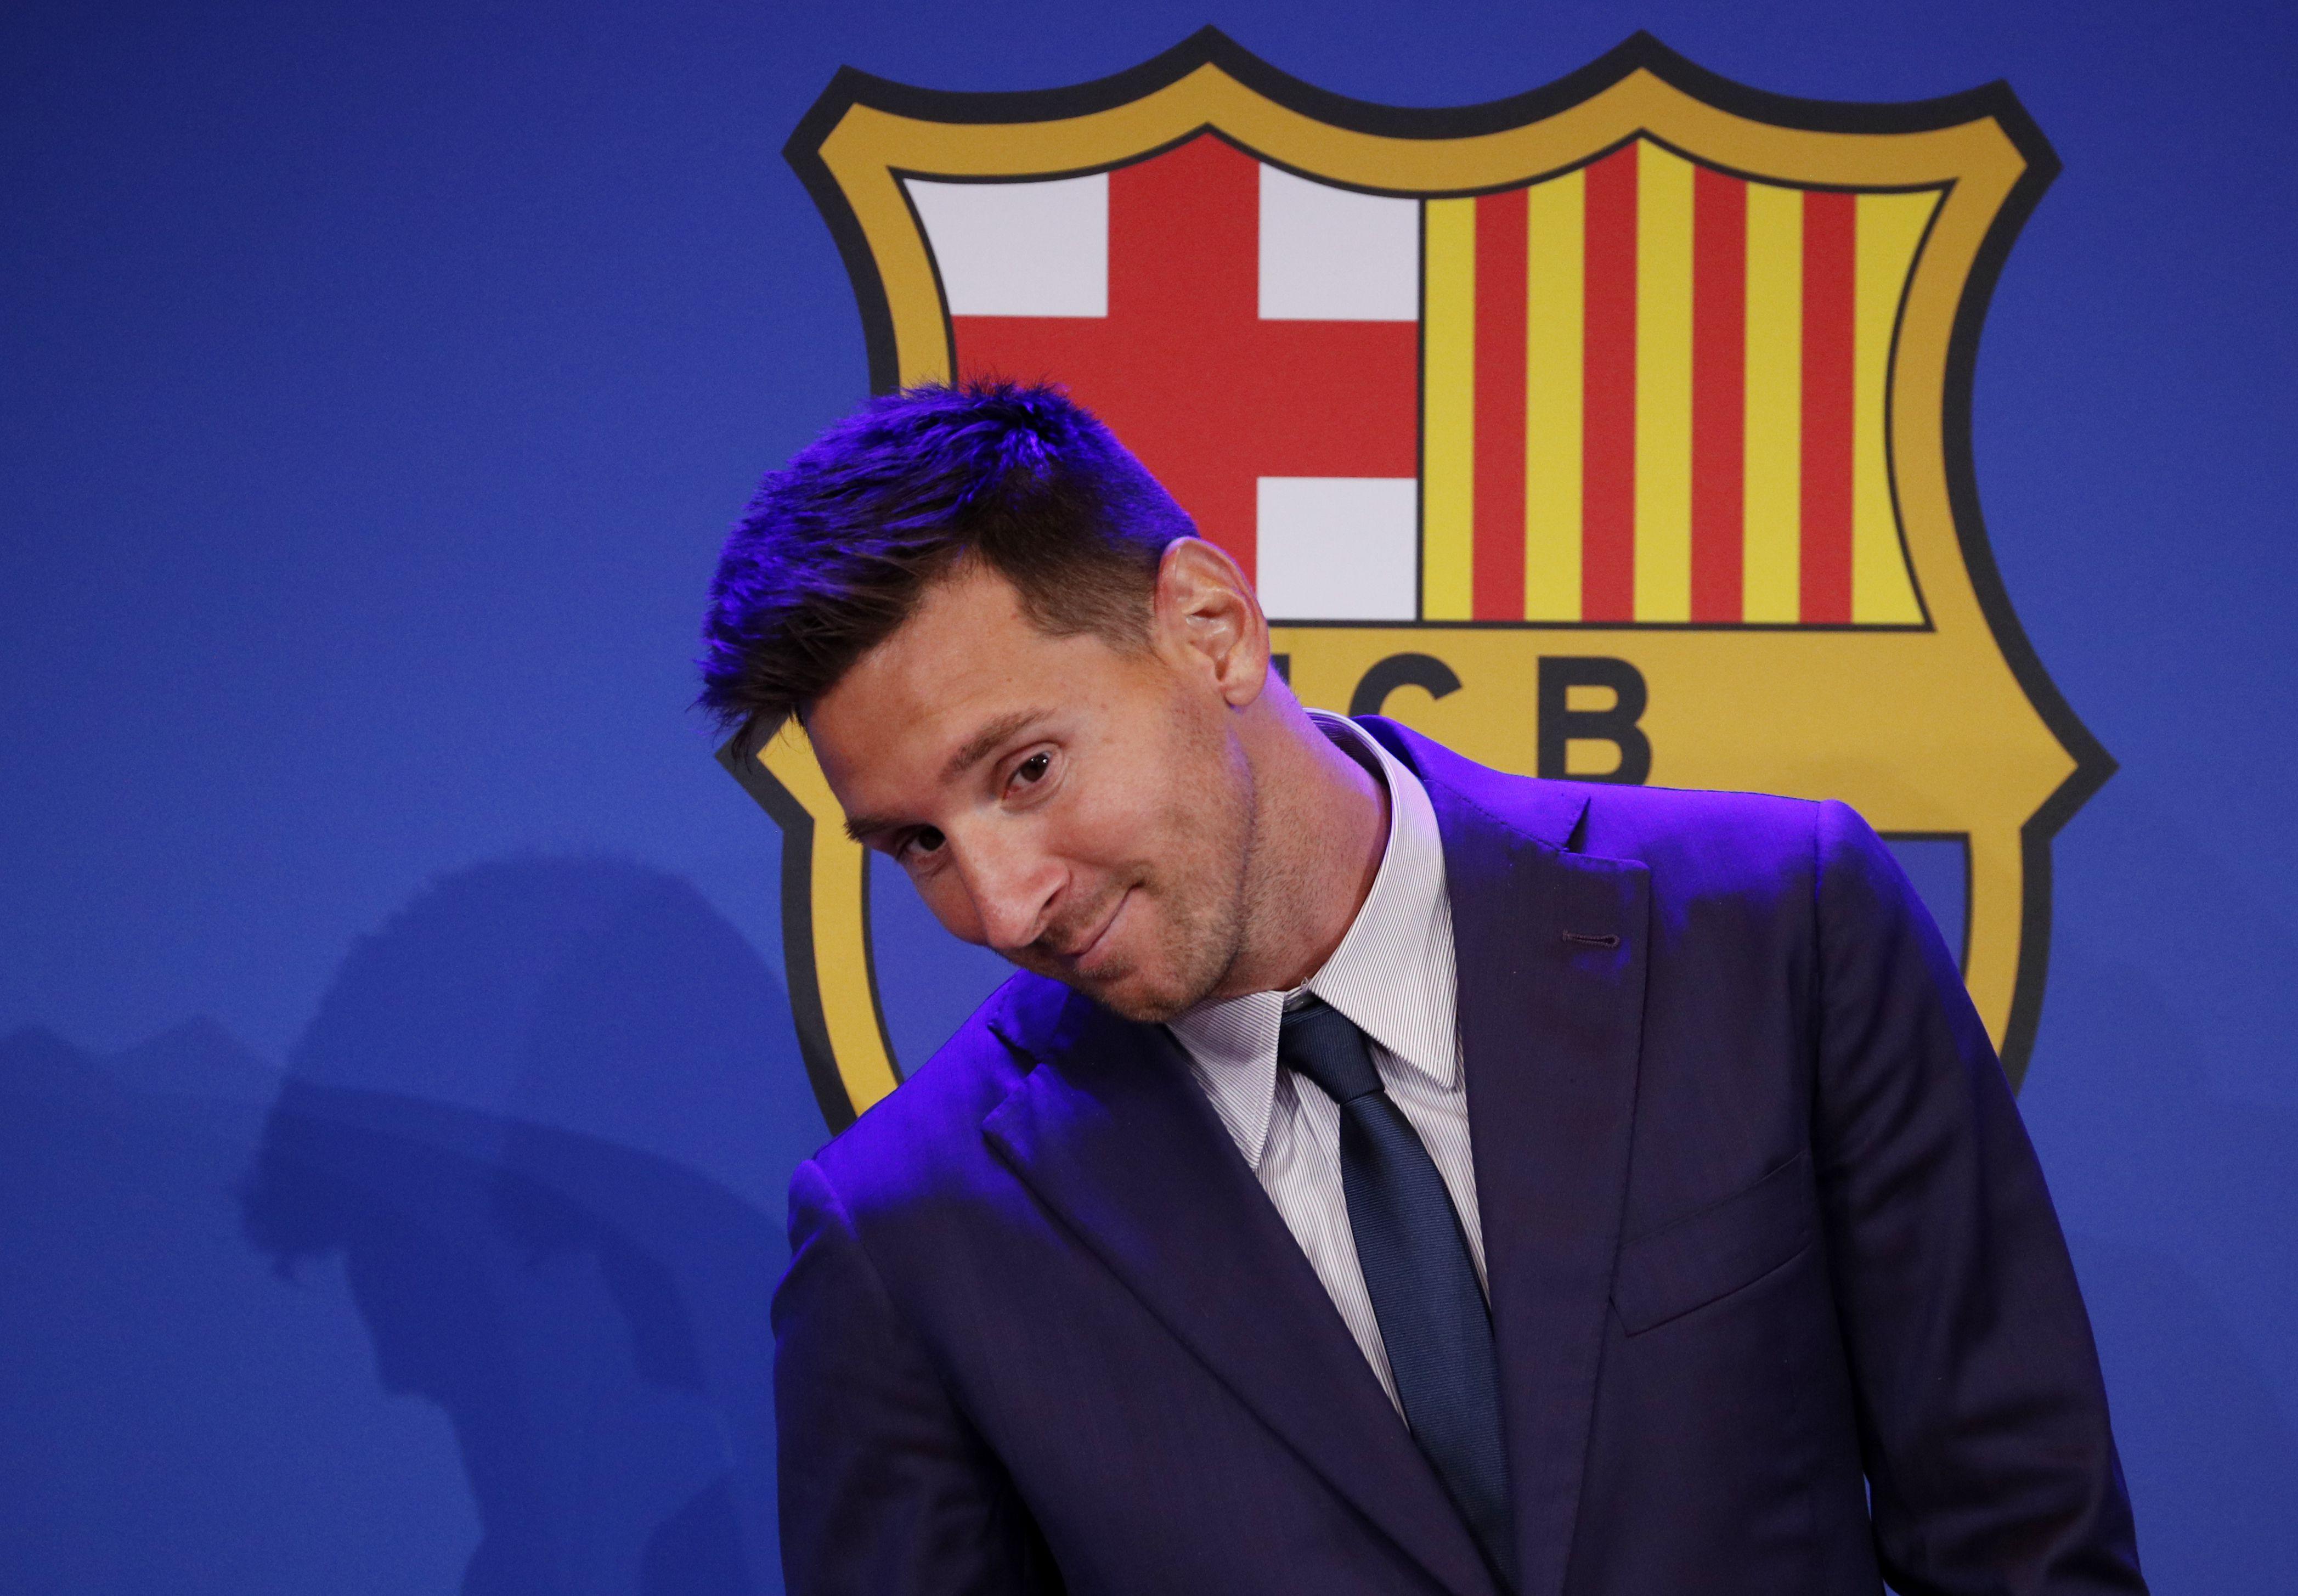 El Auditorium del Camp Nou fue el escenario elegido para que Lionel Messi se despidiera del Barcelona (REUTERS/Albert Gea)